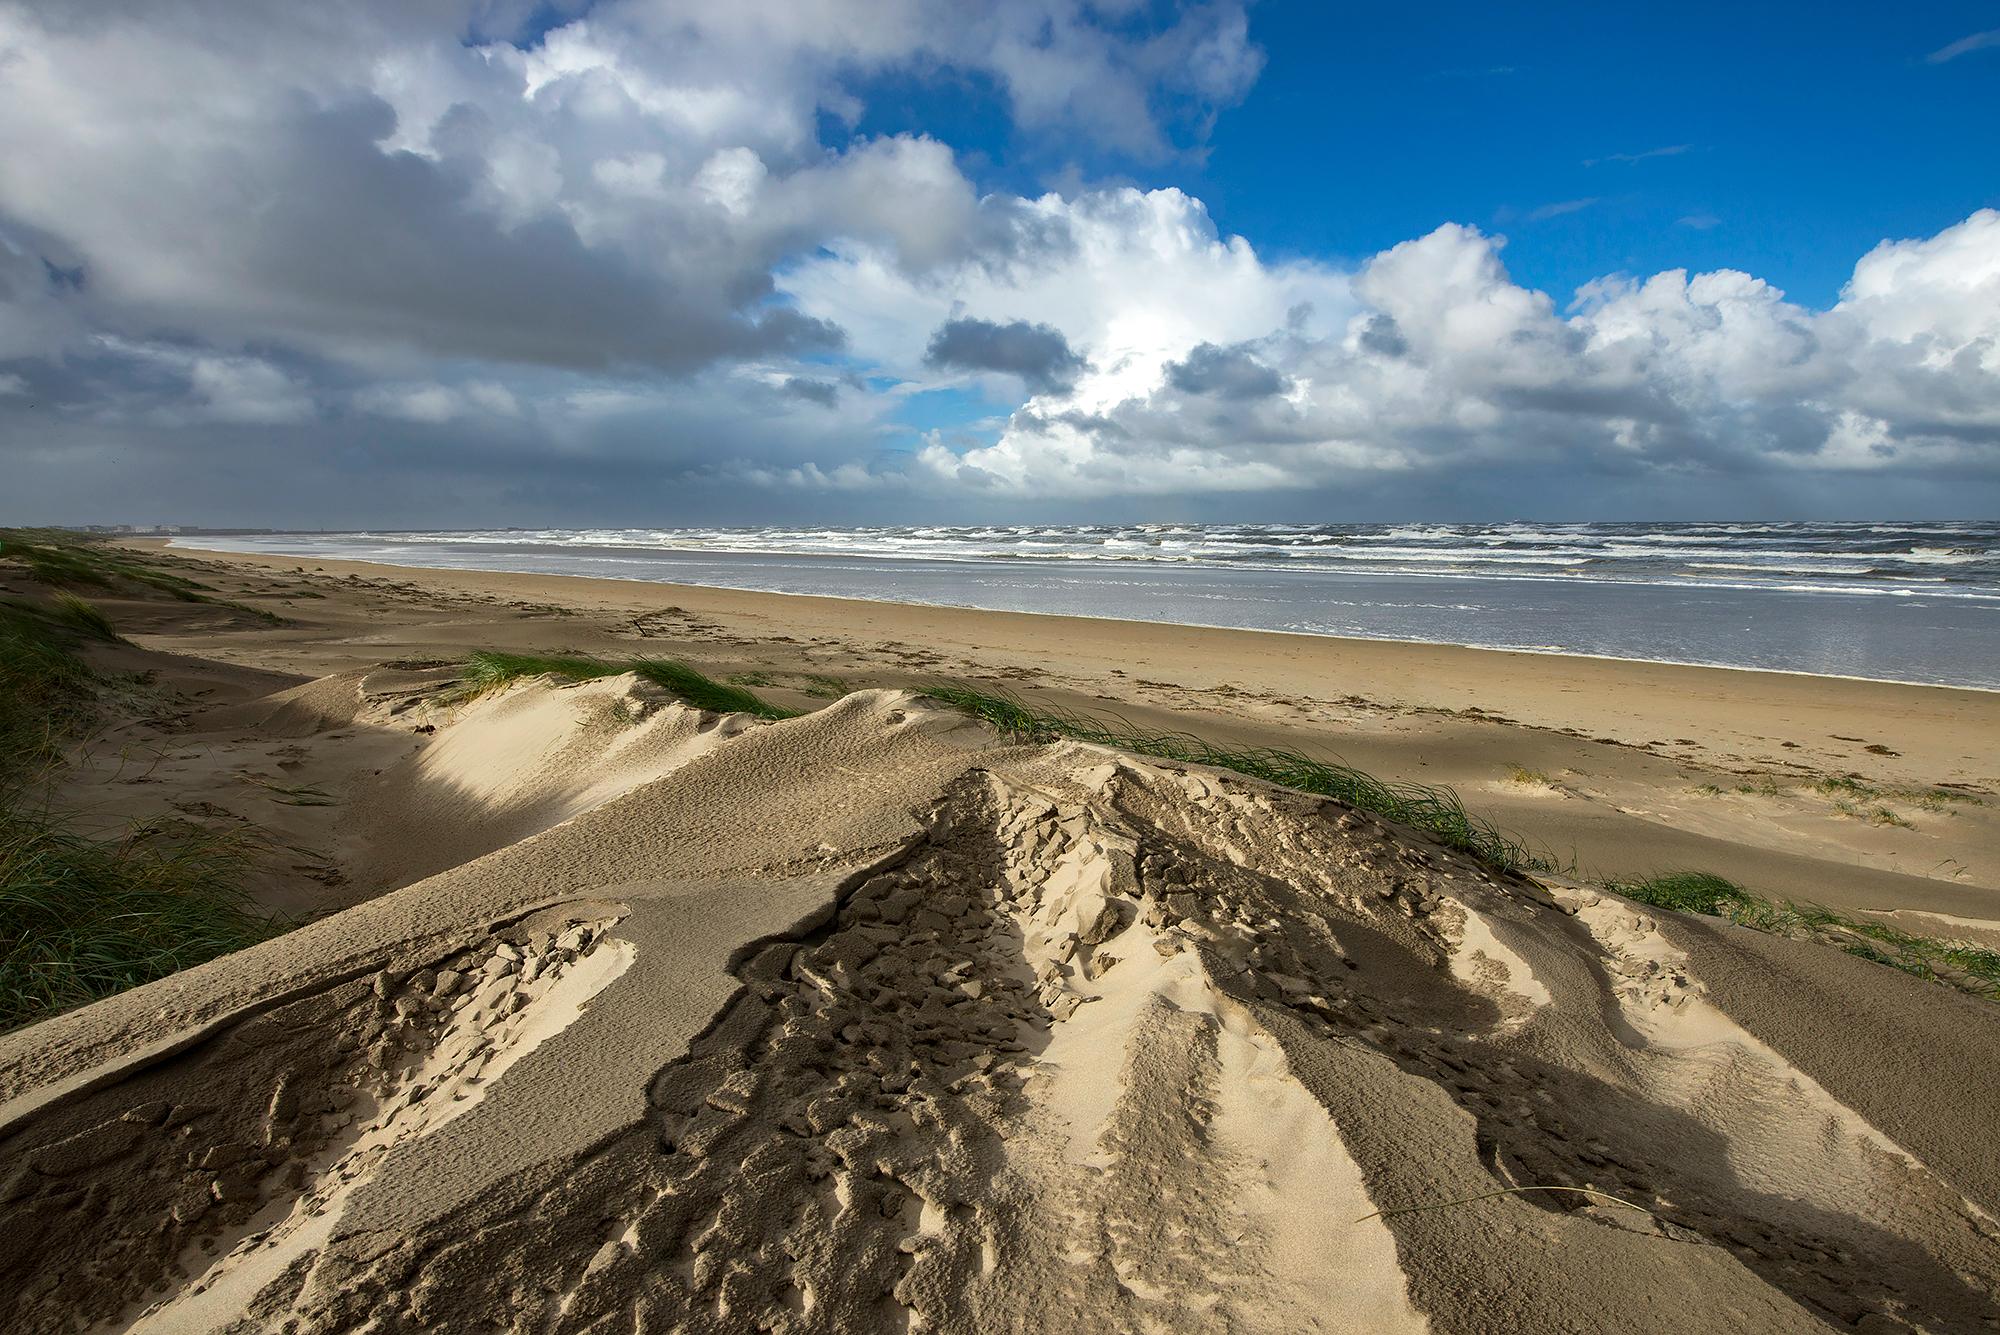 Zicht vanaf de duinen op de Noordzee en het strand van Wijk aan Zee